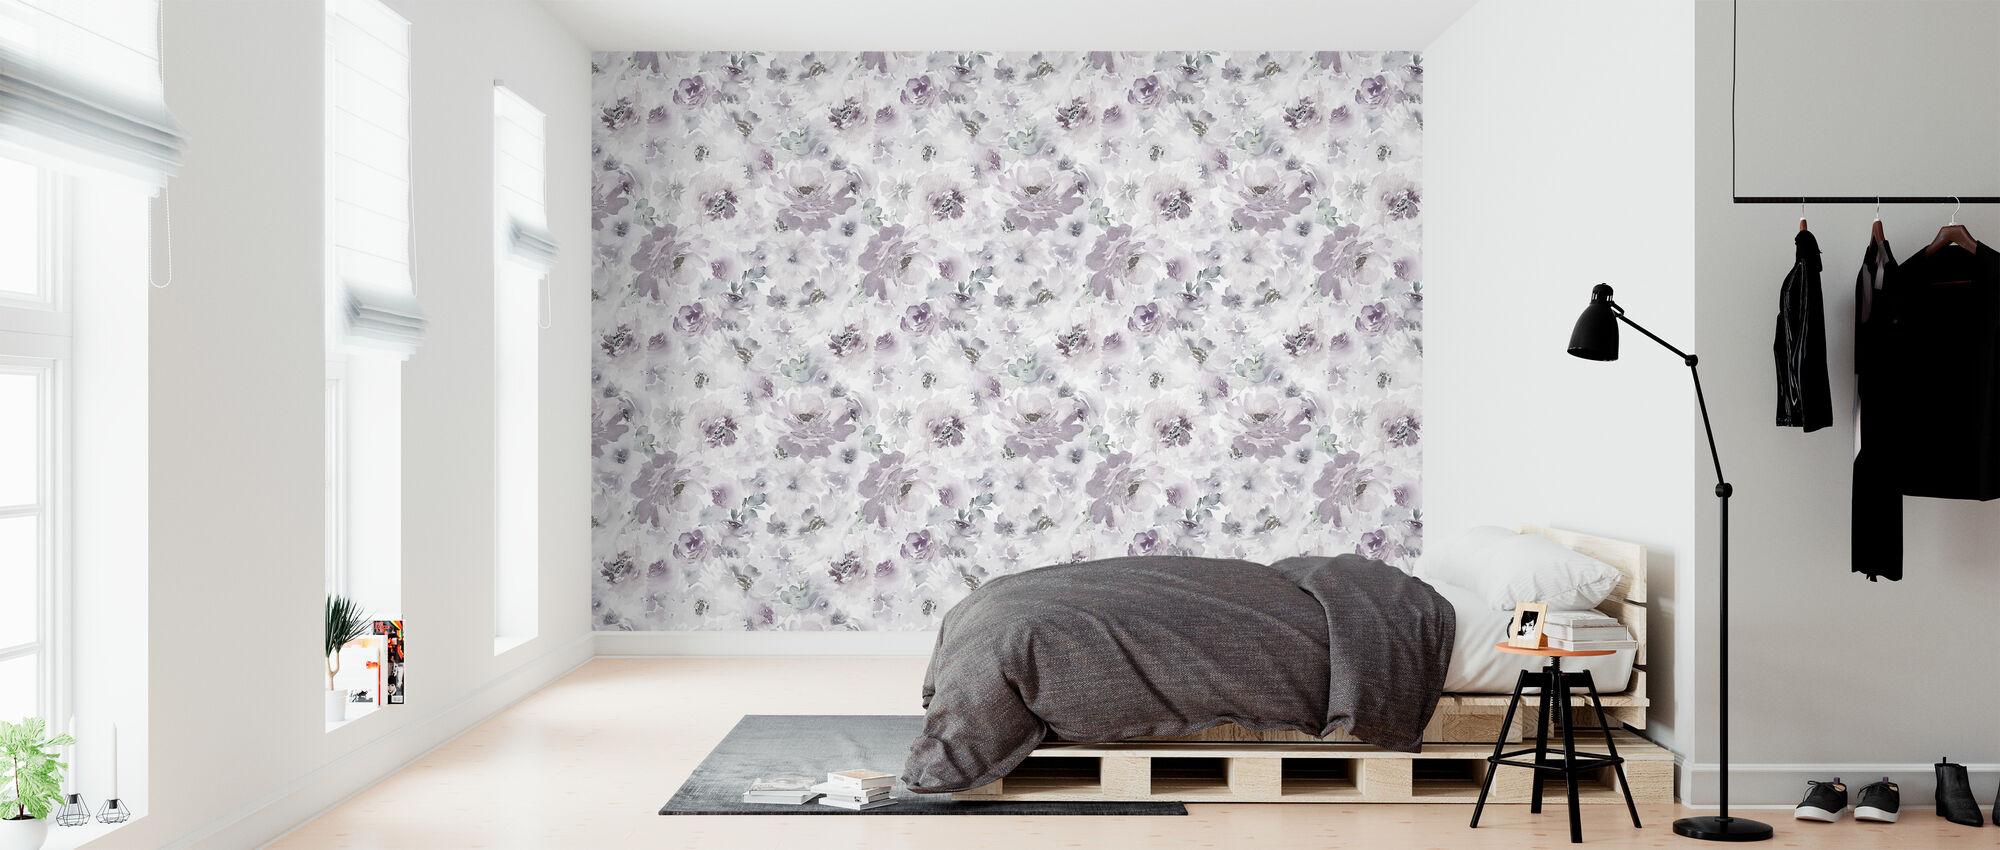 Flower Spirit - Wallpaper - Bedroom